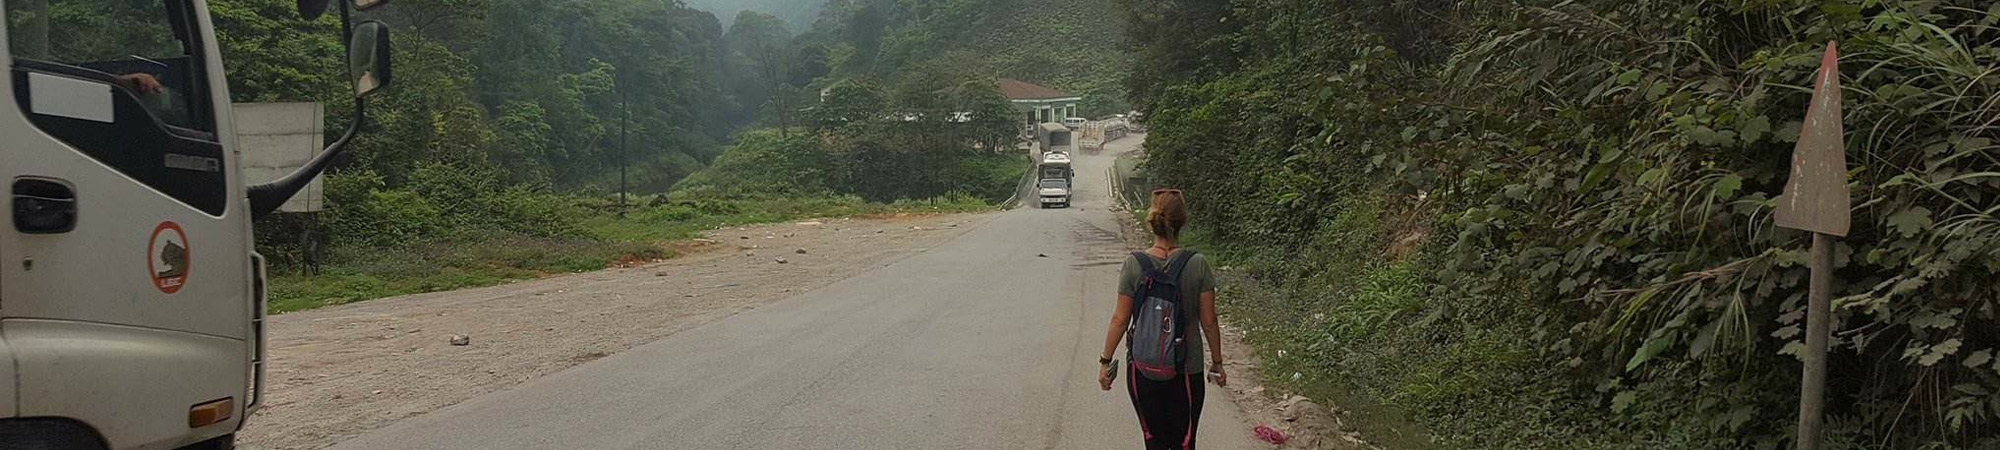 Passage de frontière Vietnam - Laos: 51h en enfer !